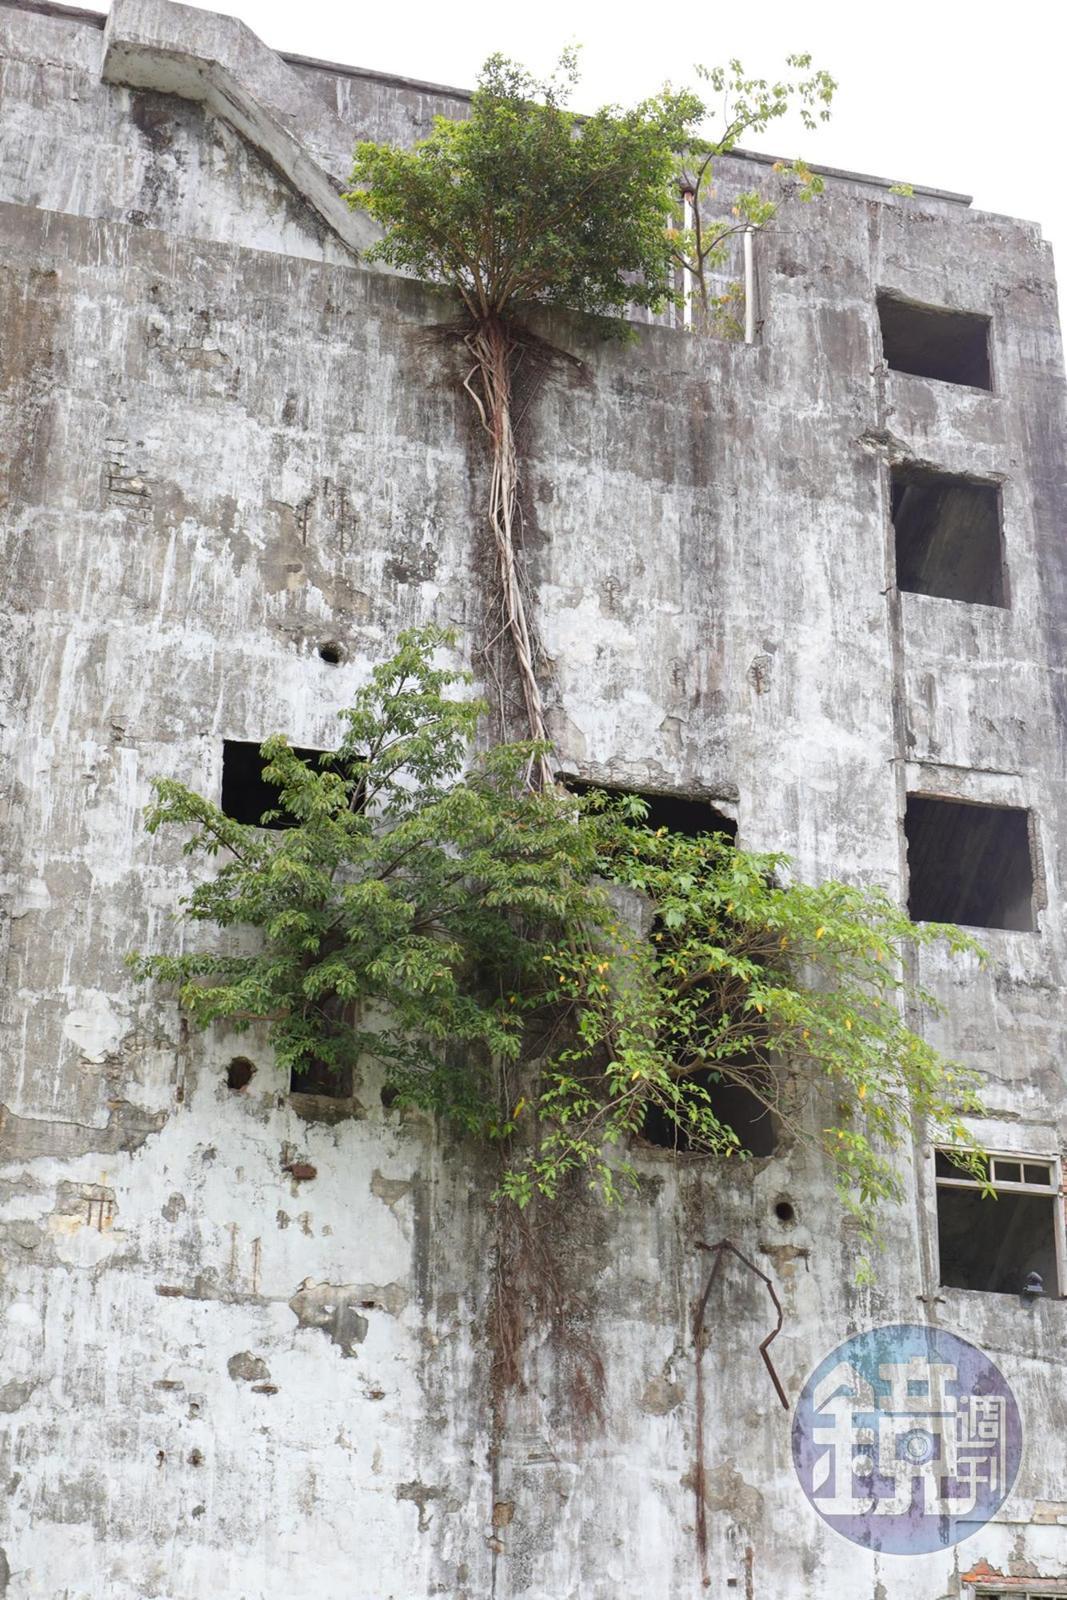 荒廢13年後,屋中的綠樹自己找到生命出口。